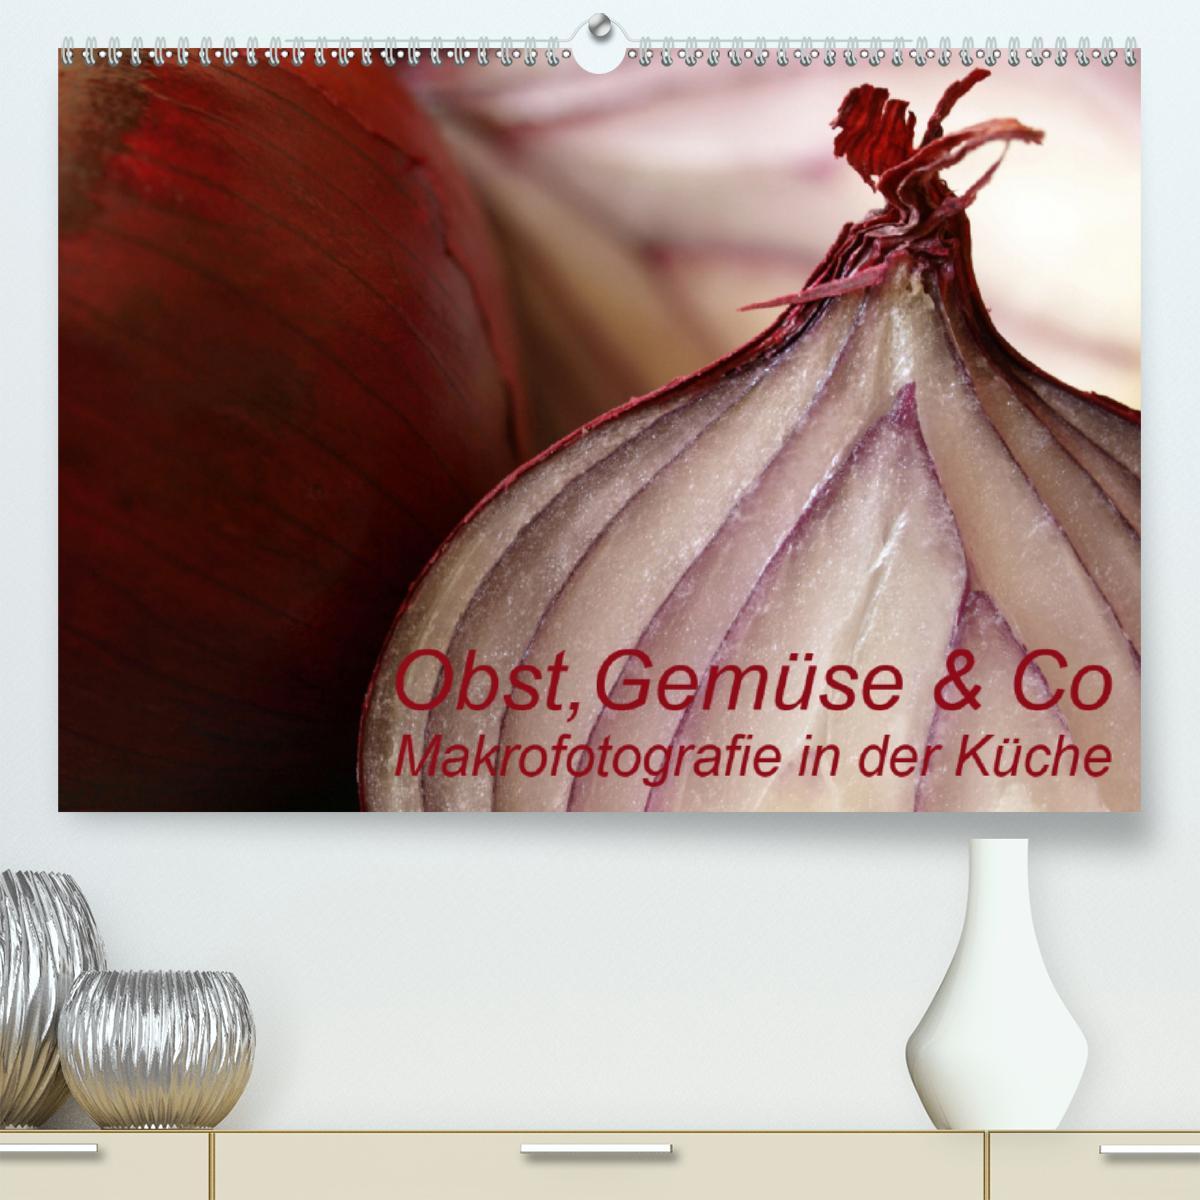 Obst, Gemüse & Co - Makrofotografie in der Küche (Premium, hochw